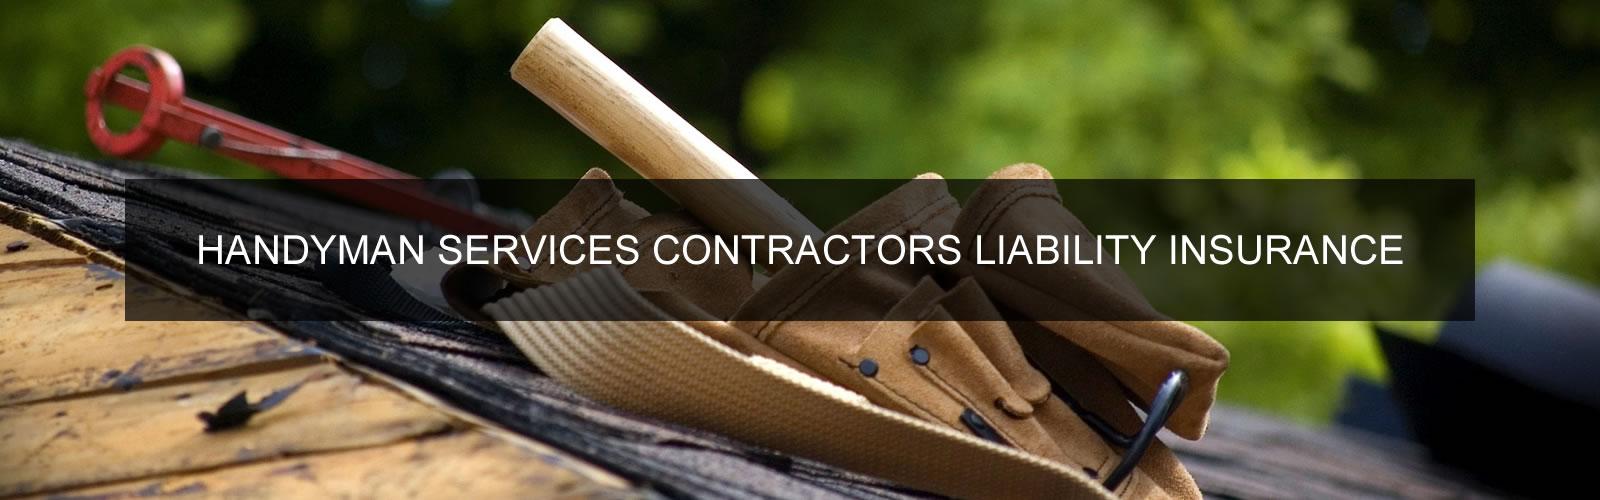 Handyman Services Contractors Liability Insurance